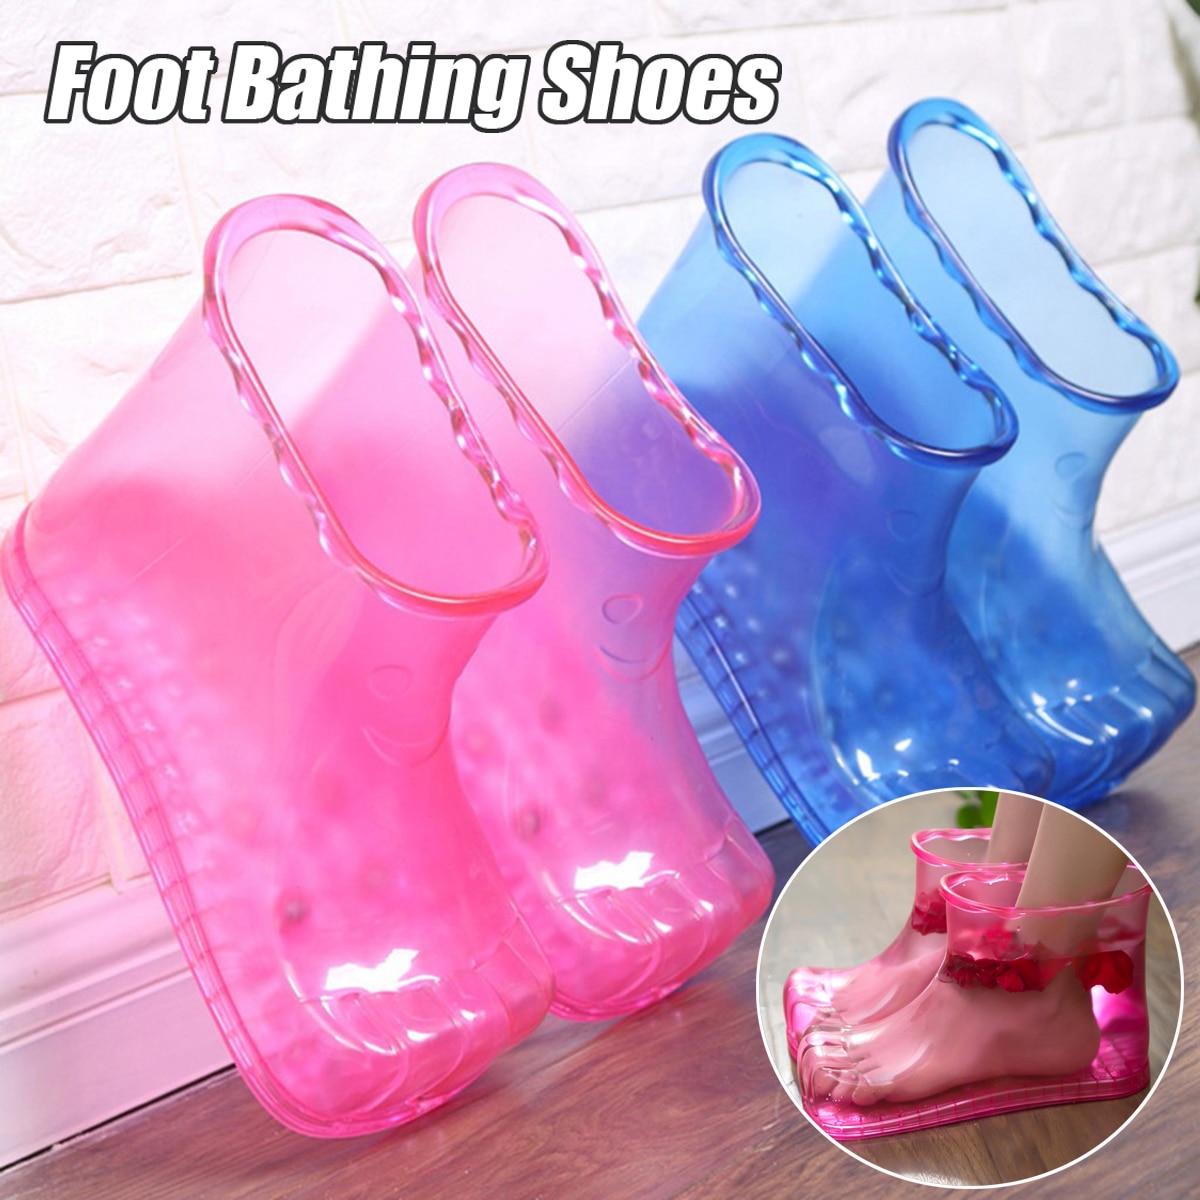 أحذية التدليك للنساء ، العلاج في الحمام ، أحذية الكاحل ، الاسترخاء ، العناية بالقدم ، الماء الساخن ، محايد ، 25.6 سنتيمتر